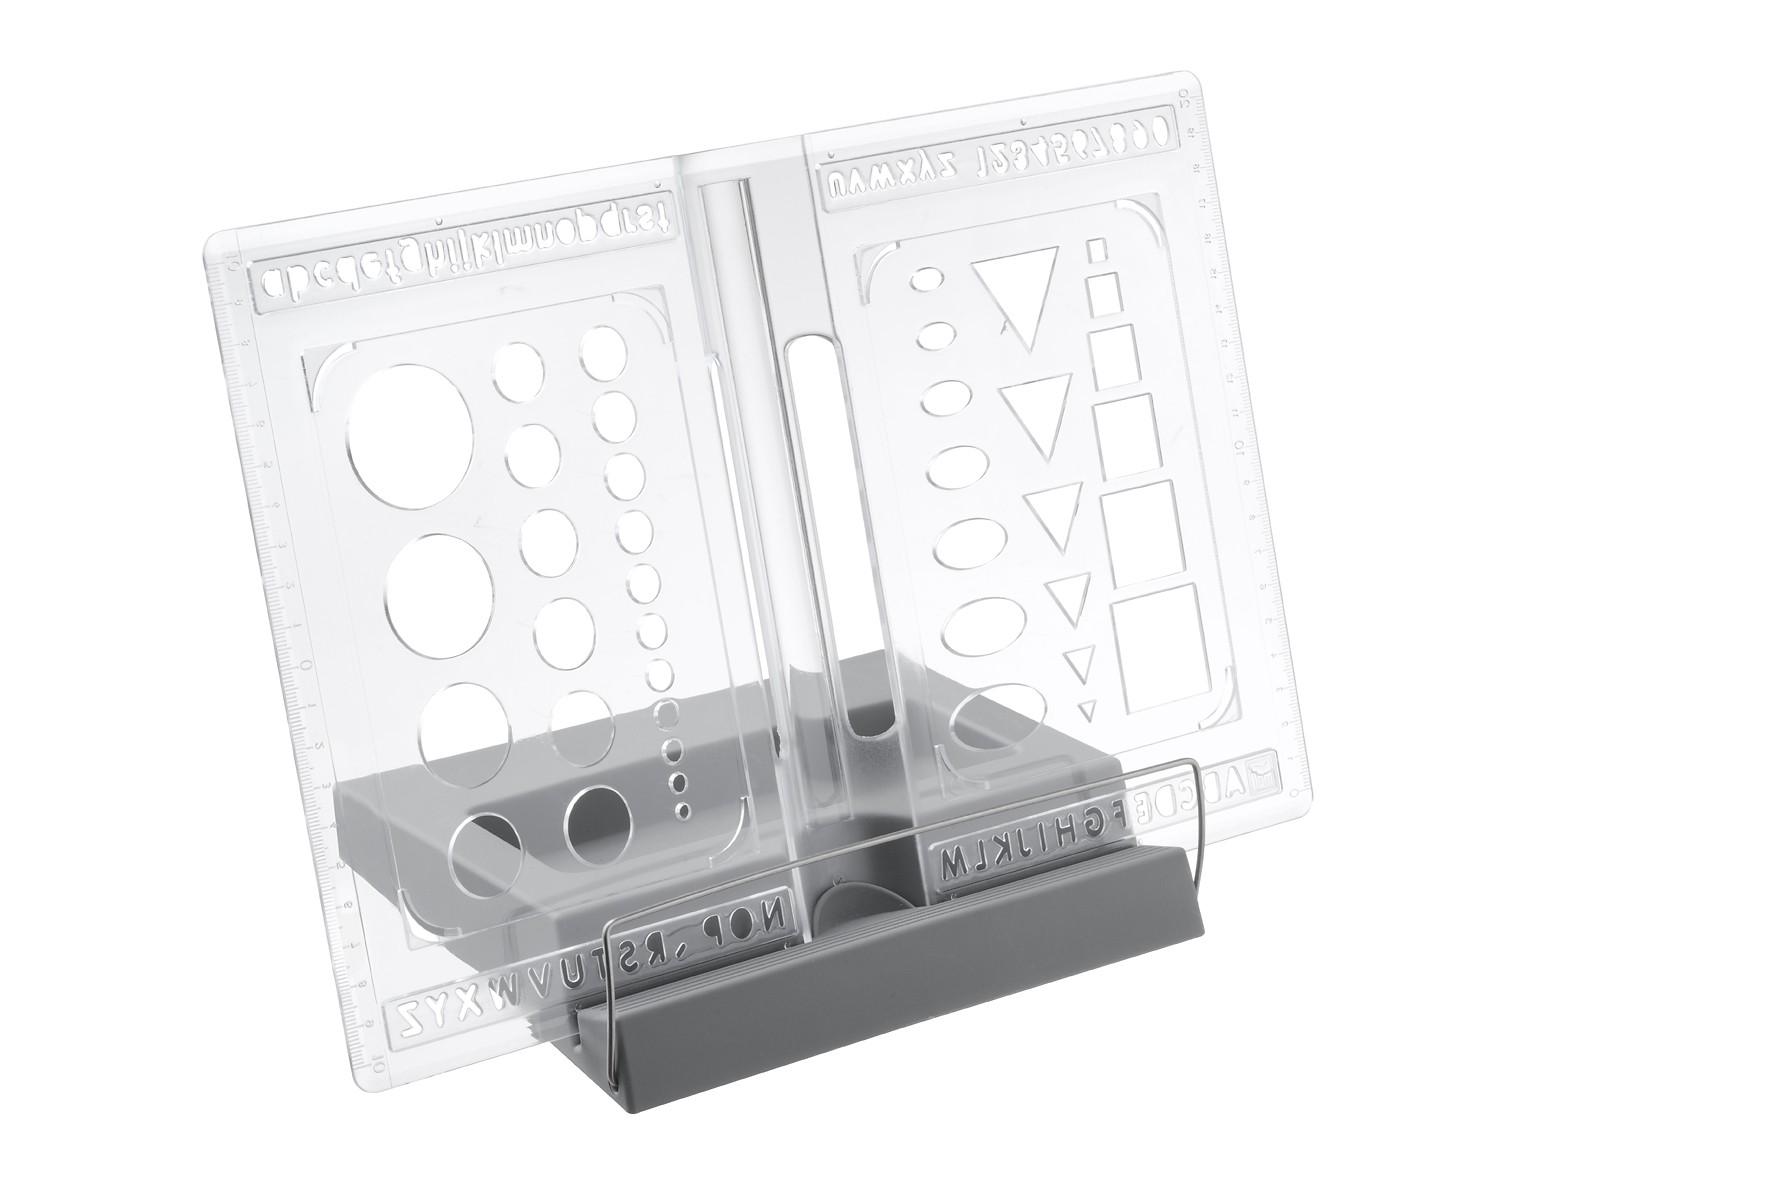 Купить Подставка для книг Moll прозрачная в интернет магазине. Цены, характеристики, фото, отзывы, обзоры